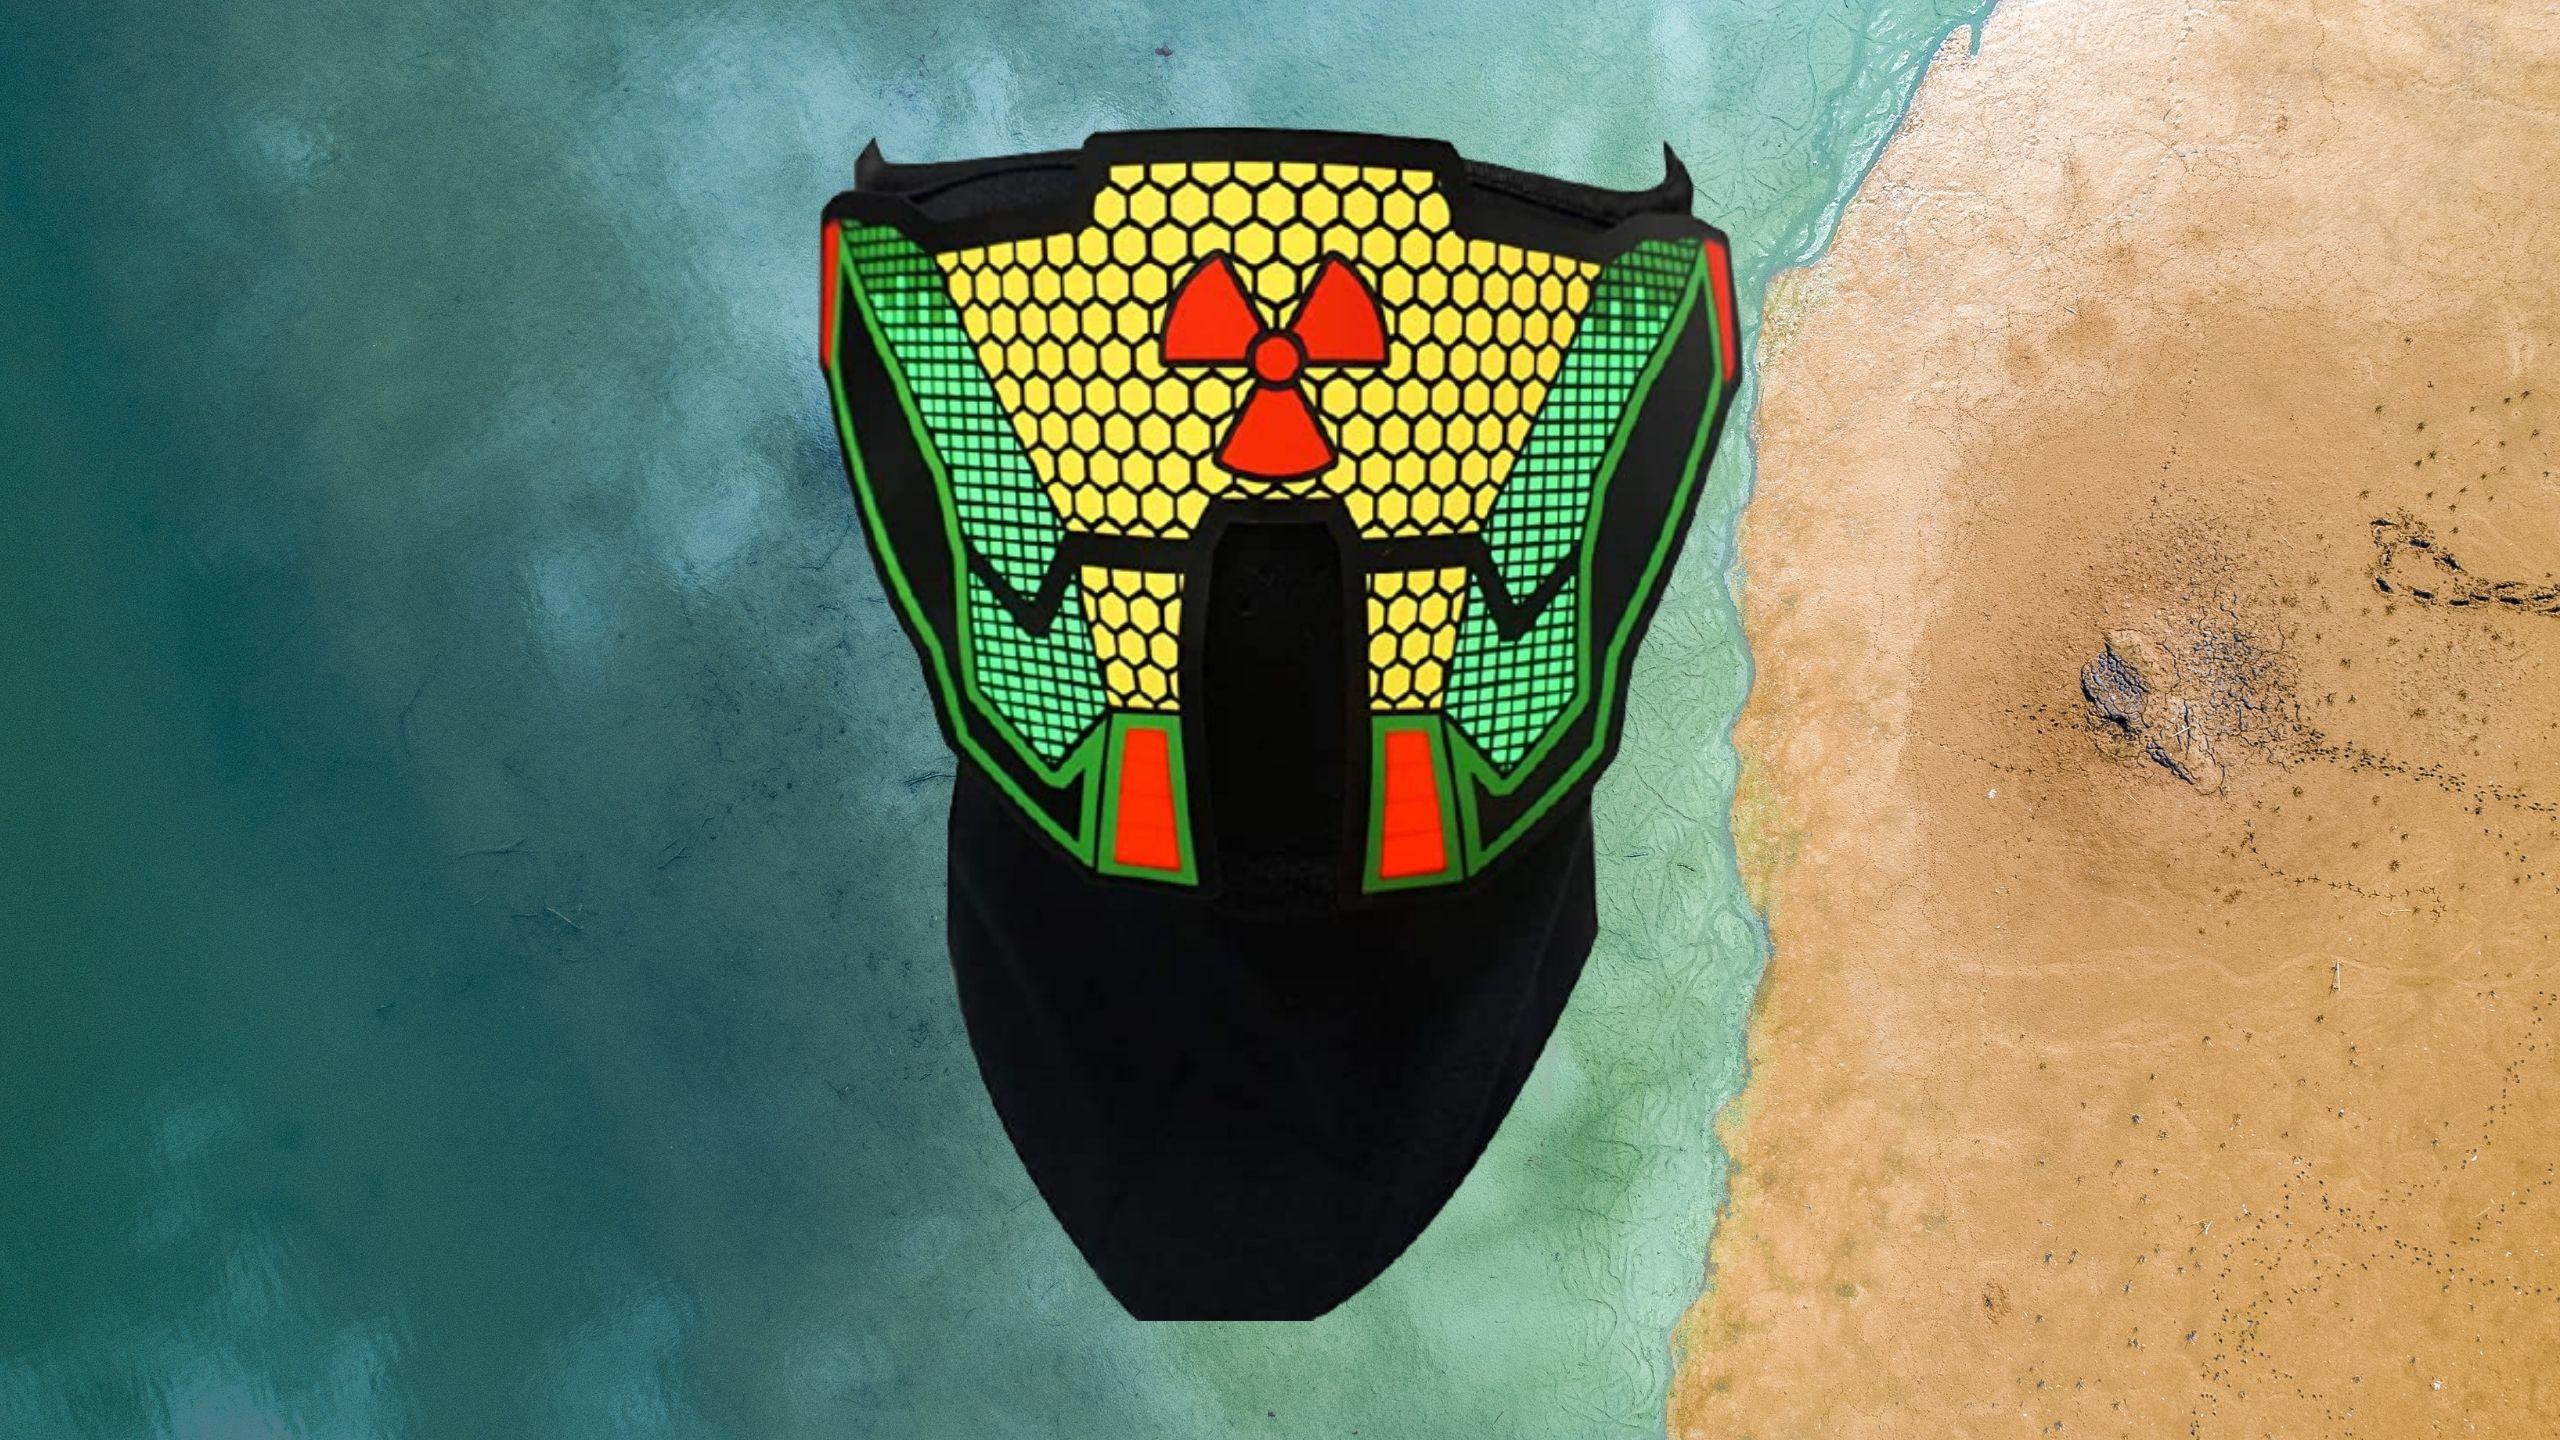 Rave Glow's LED Music Mask